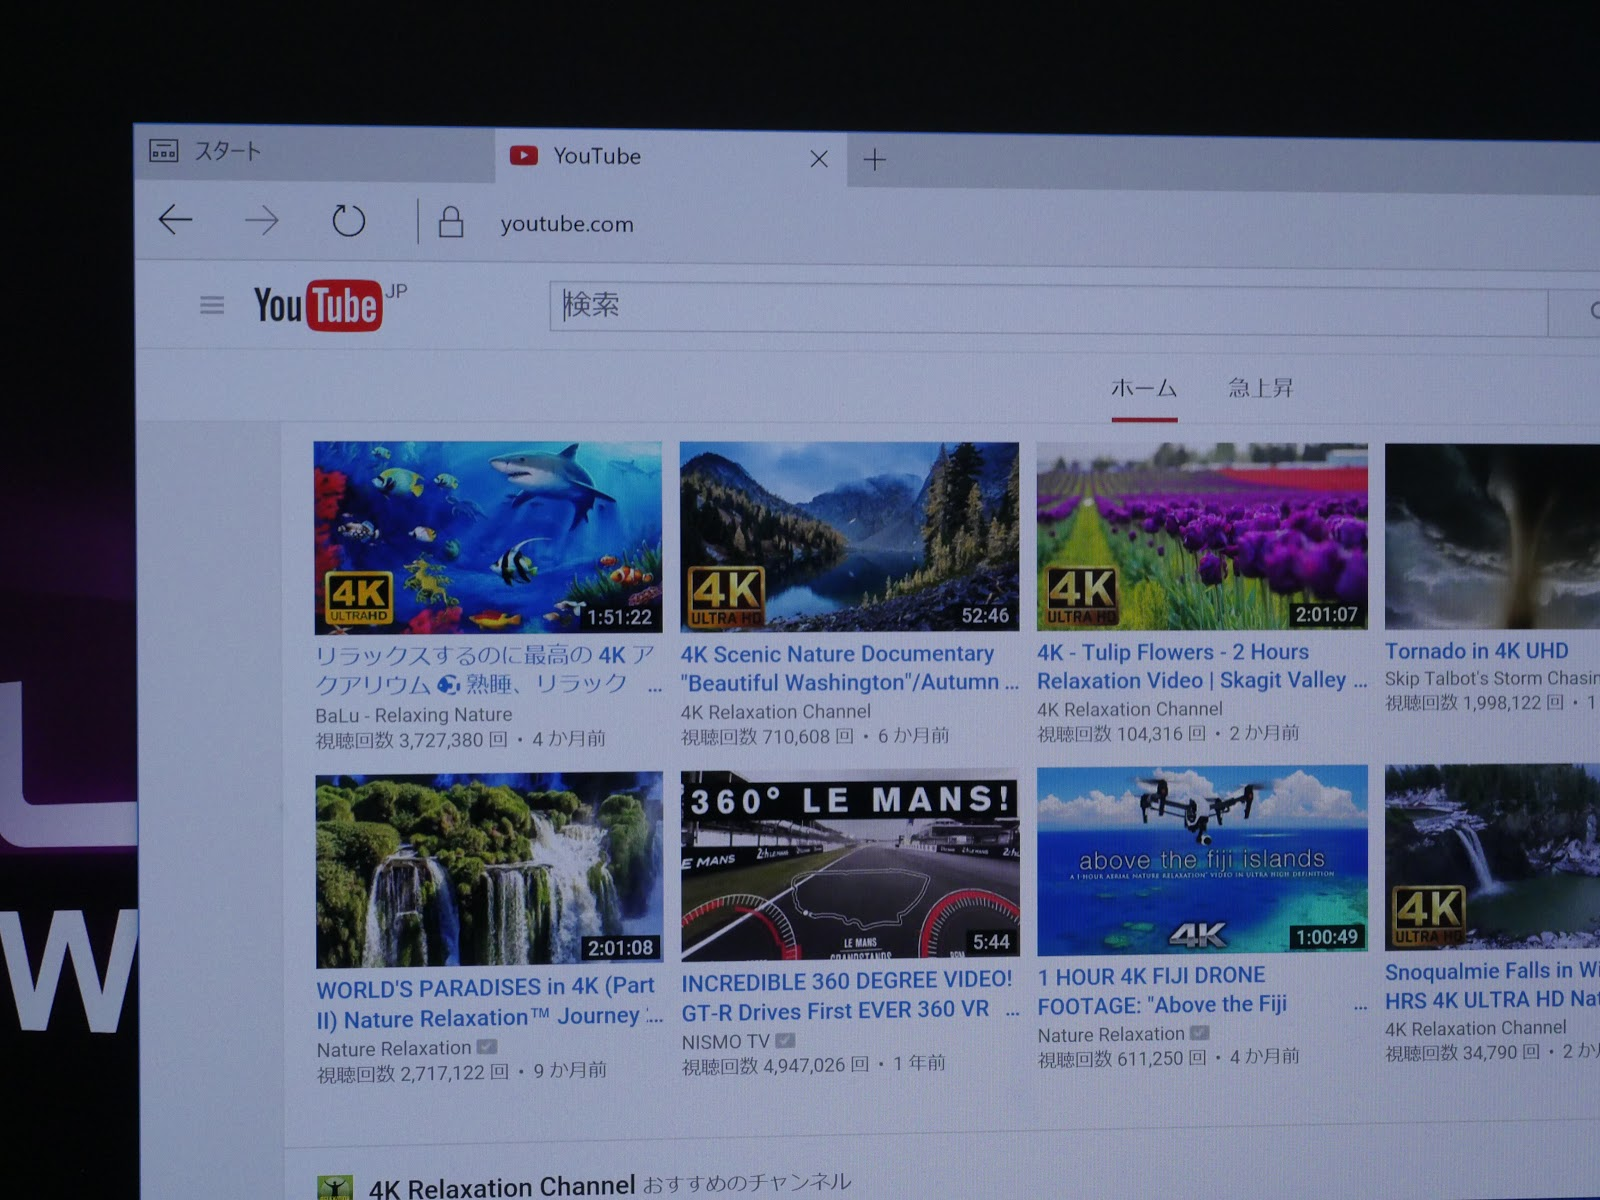 Netflixにて4K動画をスムーズに作成できるのか?3万円台の低価格な4K再生対応の小型パソコンLIVA Z (N4200)で検証してみた